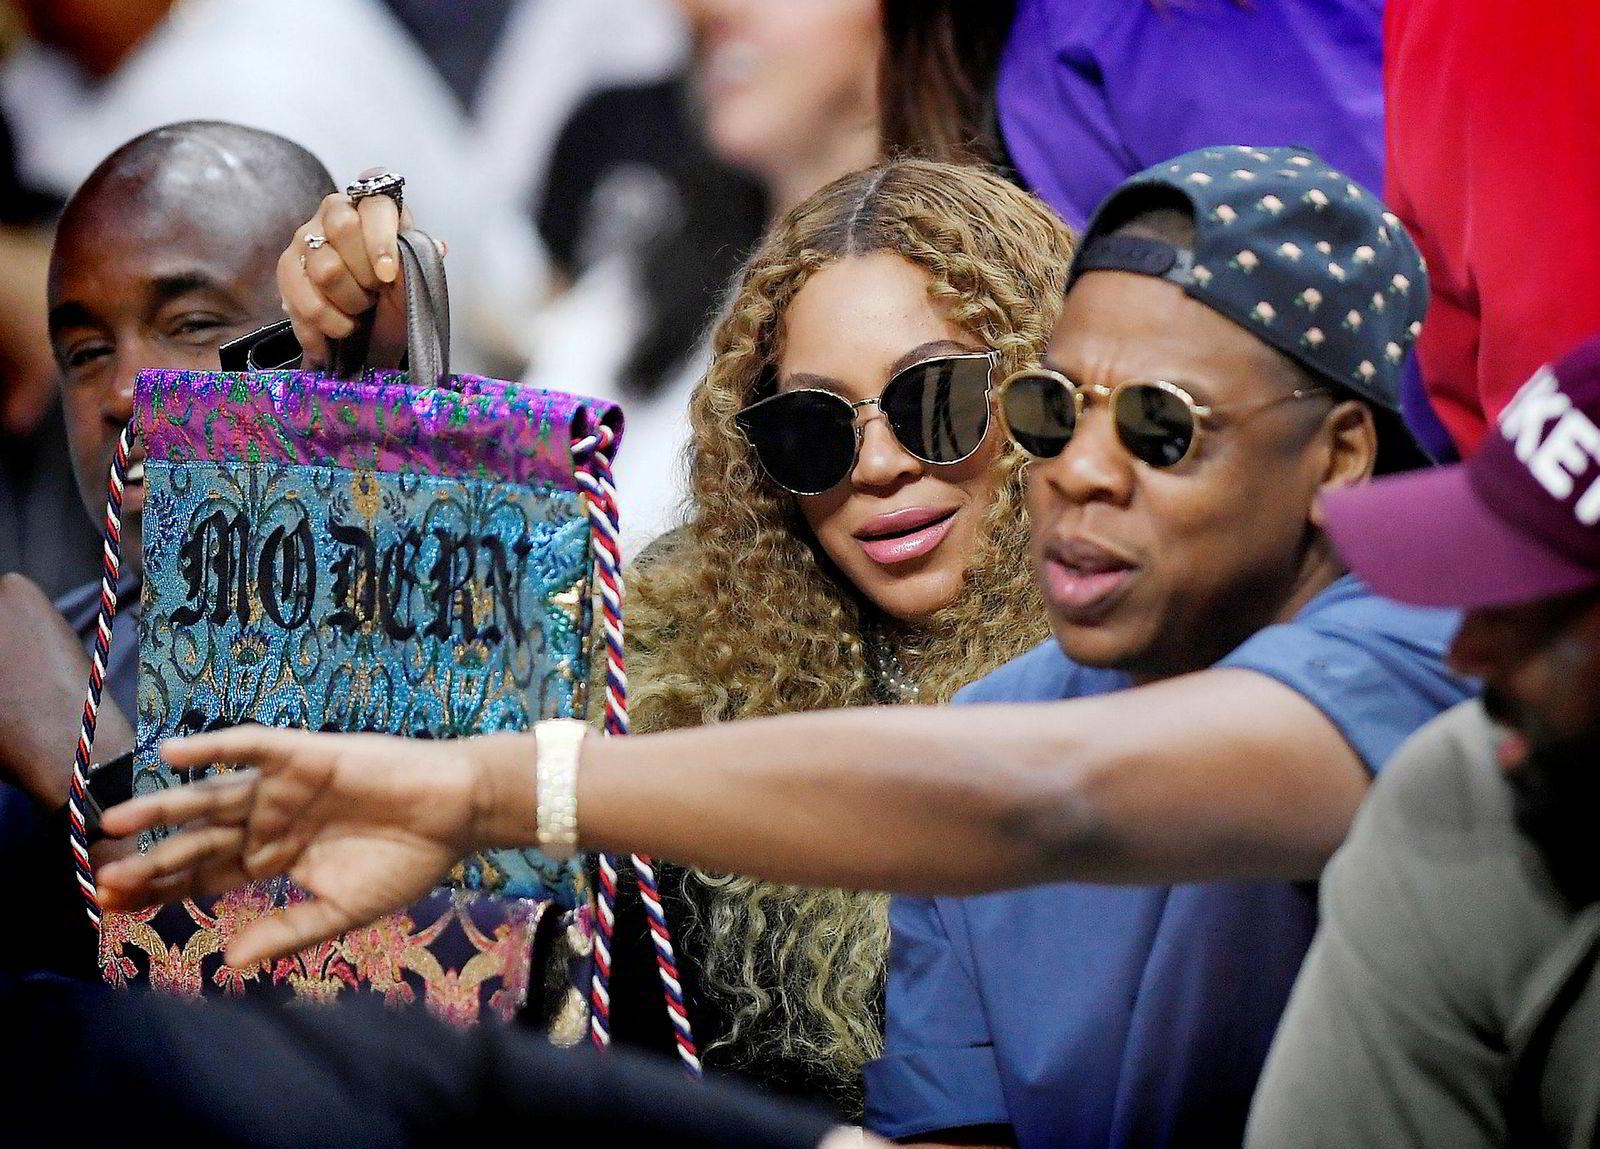 Stjerneparet Beyoncé og Jay Z, som eier Tidal, på tribunen under en basketballkamp i Los Angeles.